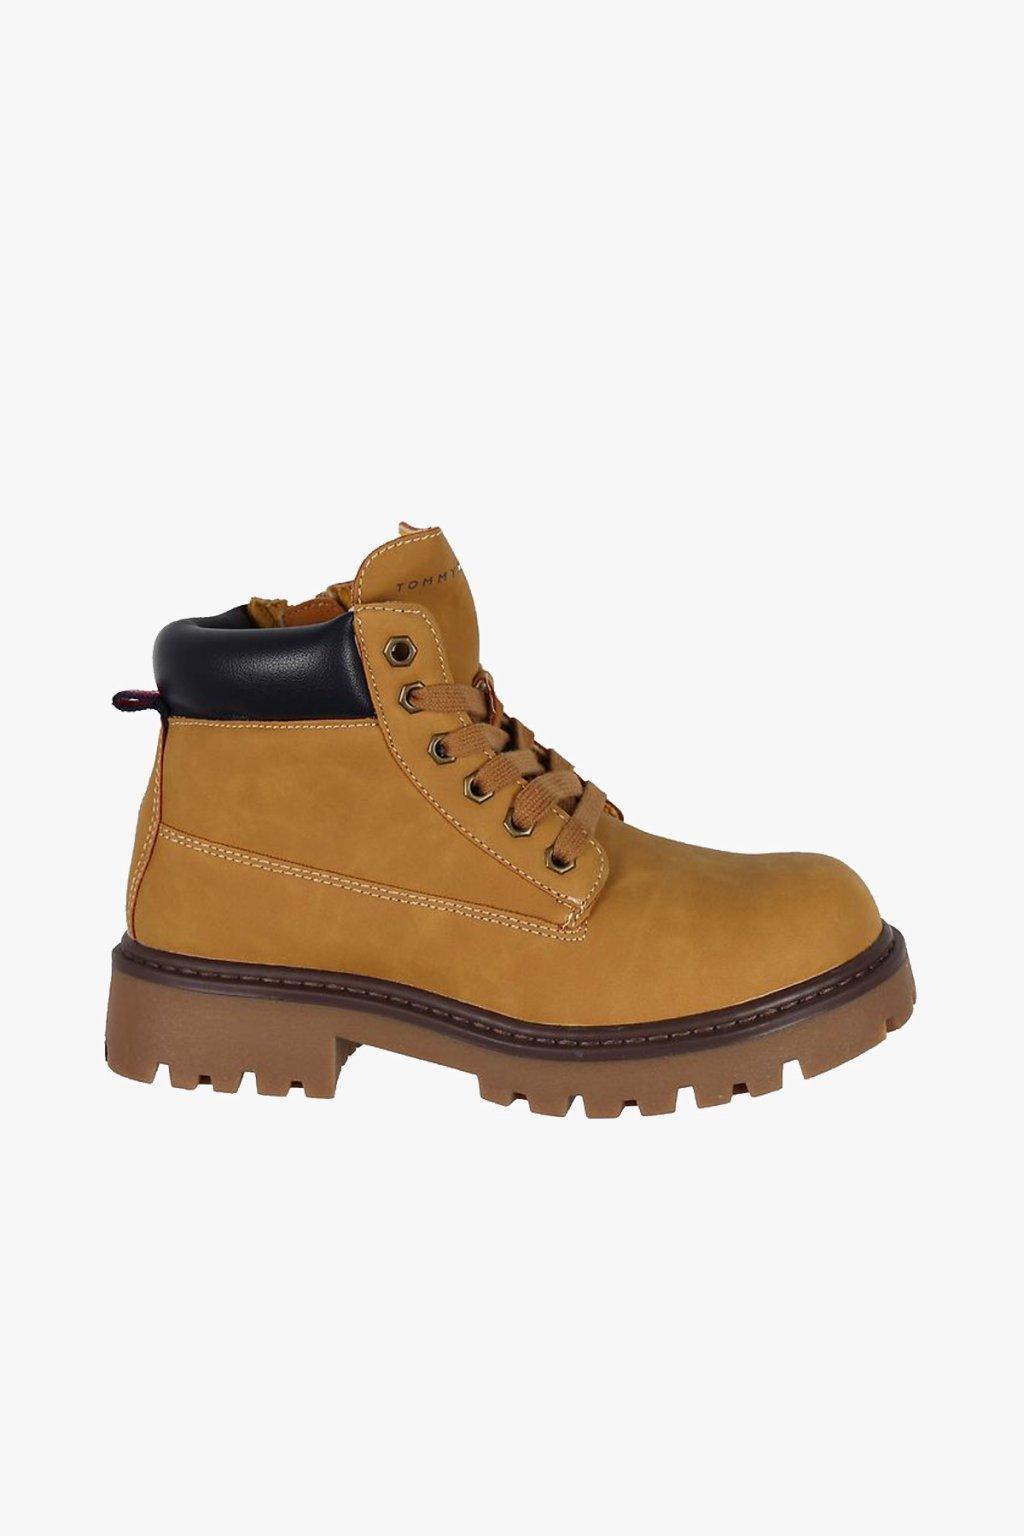 TOMMY HILFIGER - Chlapecká kotníková obuv (Barva Světle hnědá, Velikost 41)